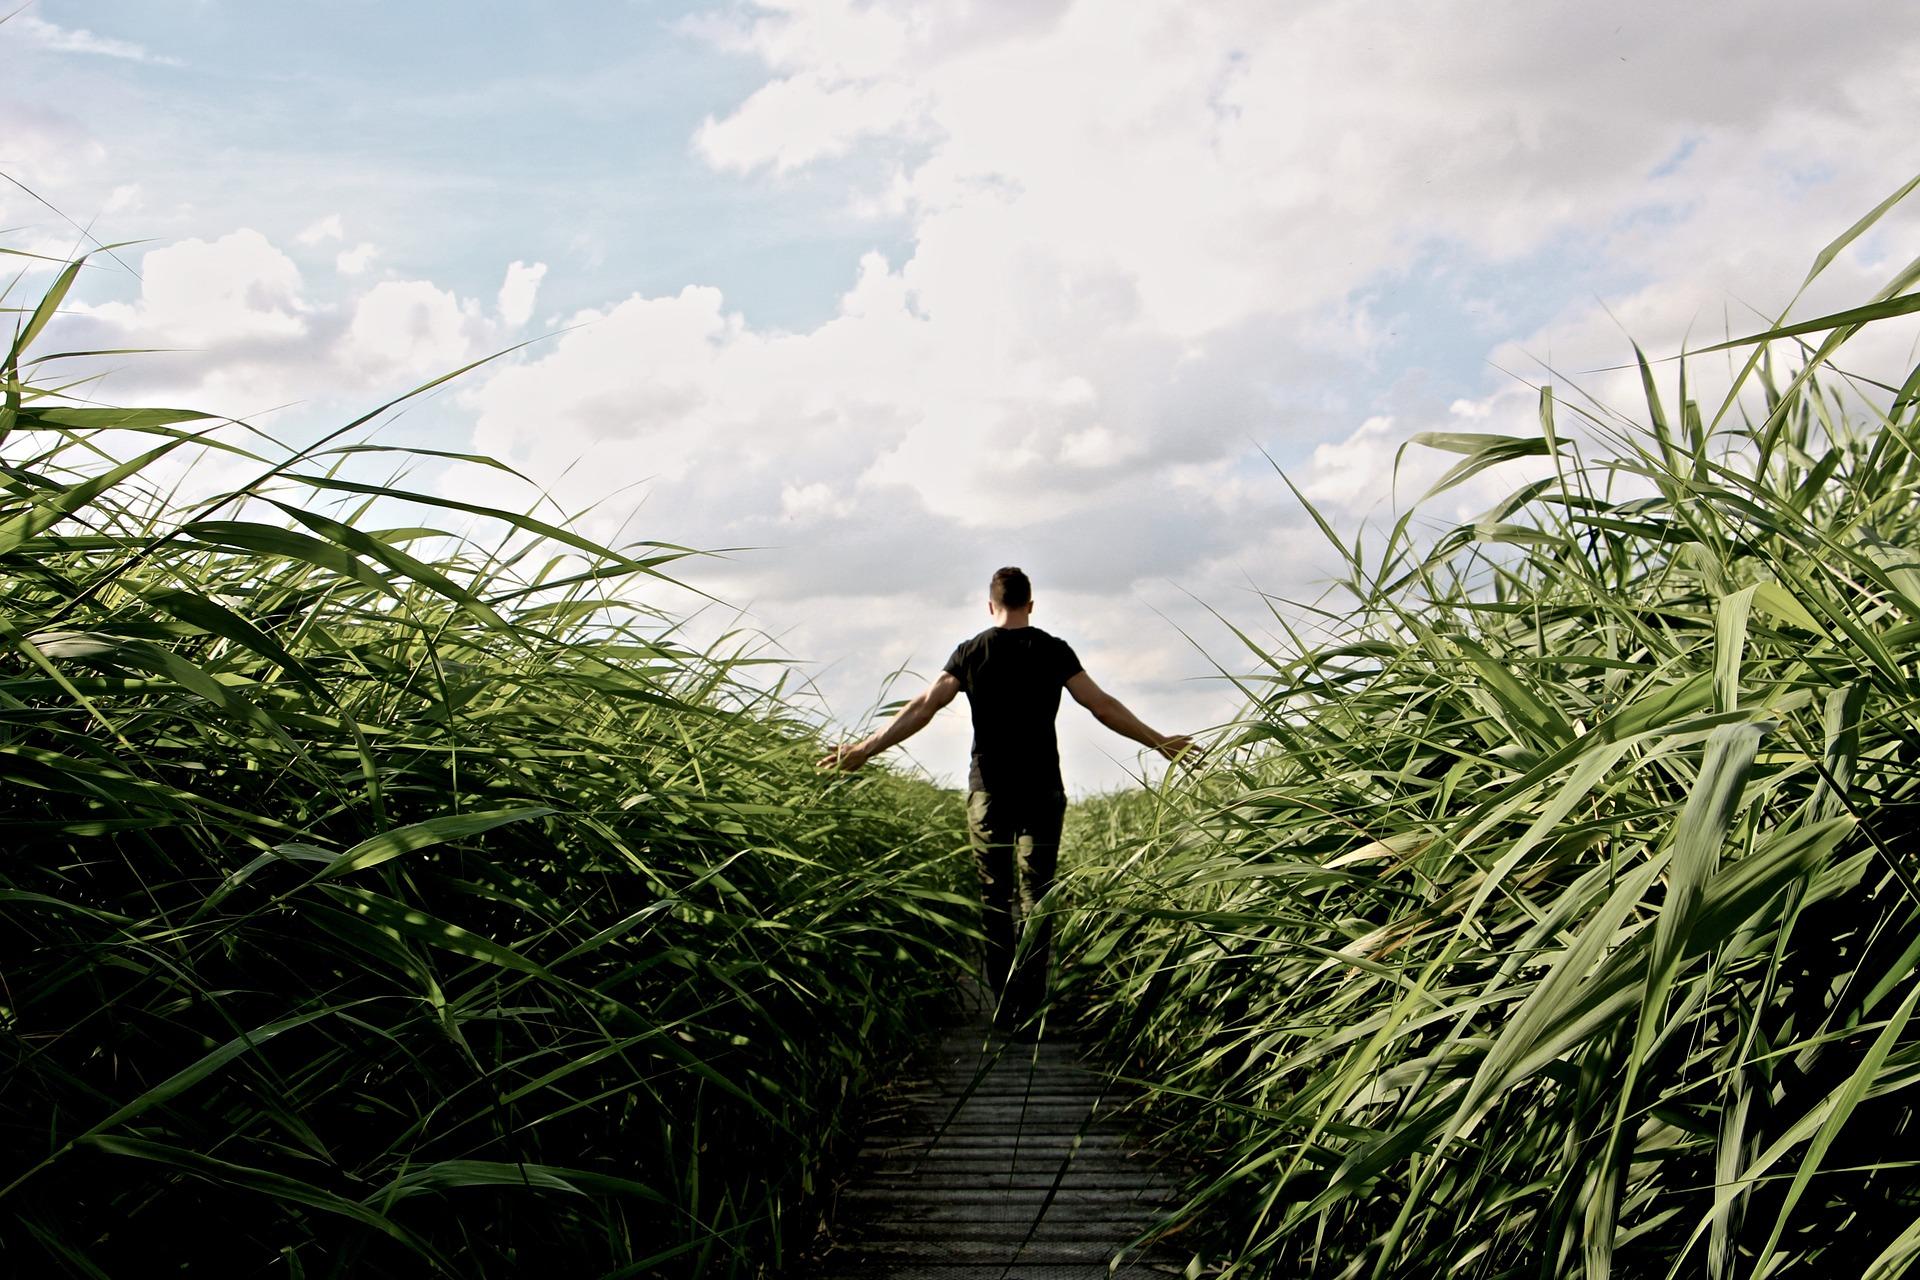 homme, PRADO, domaine, herbe, se détendre - Fonds d'écran HD - Professor-falken.com